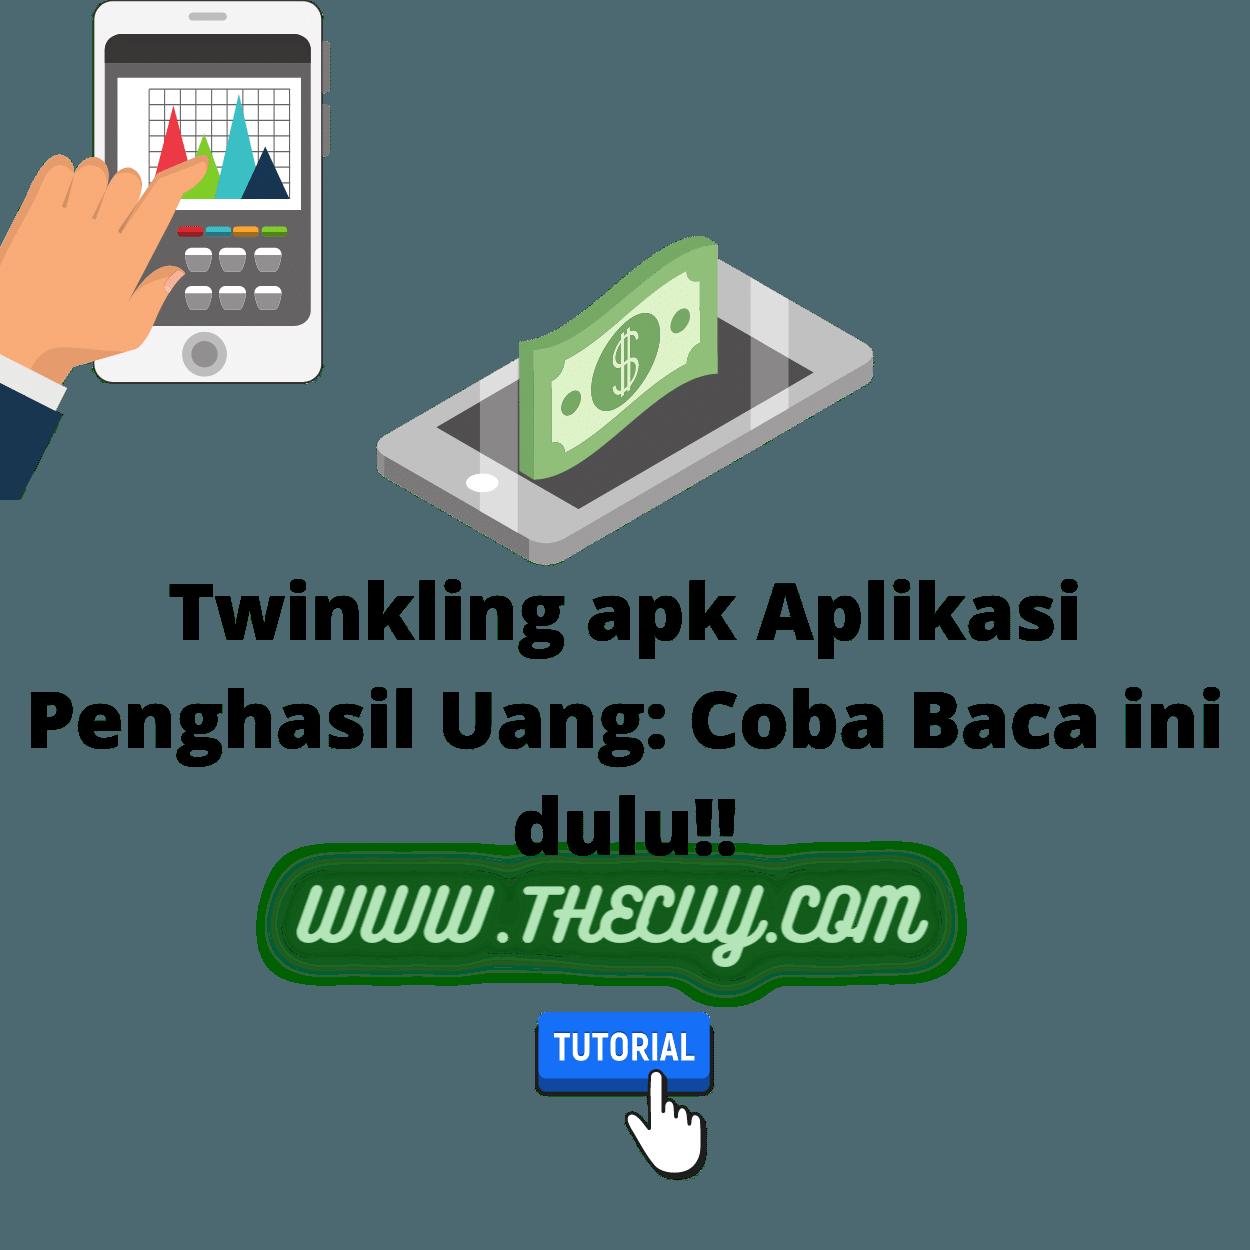 Twinkling apk Aplikasi Penghasil Uang: Coba Baca ini dulu!!